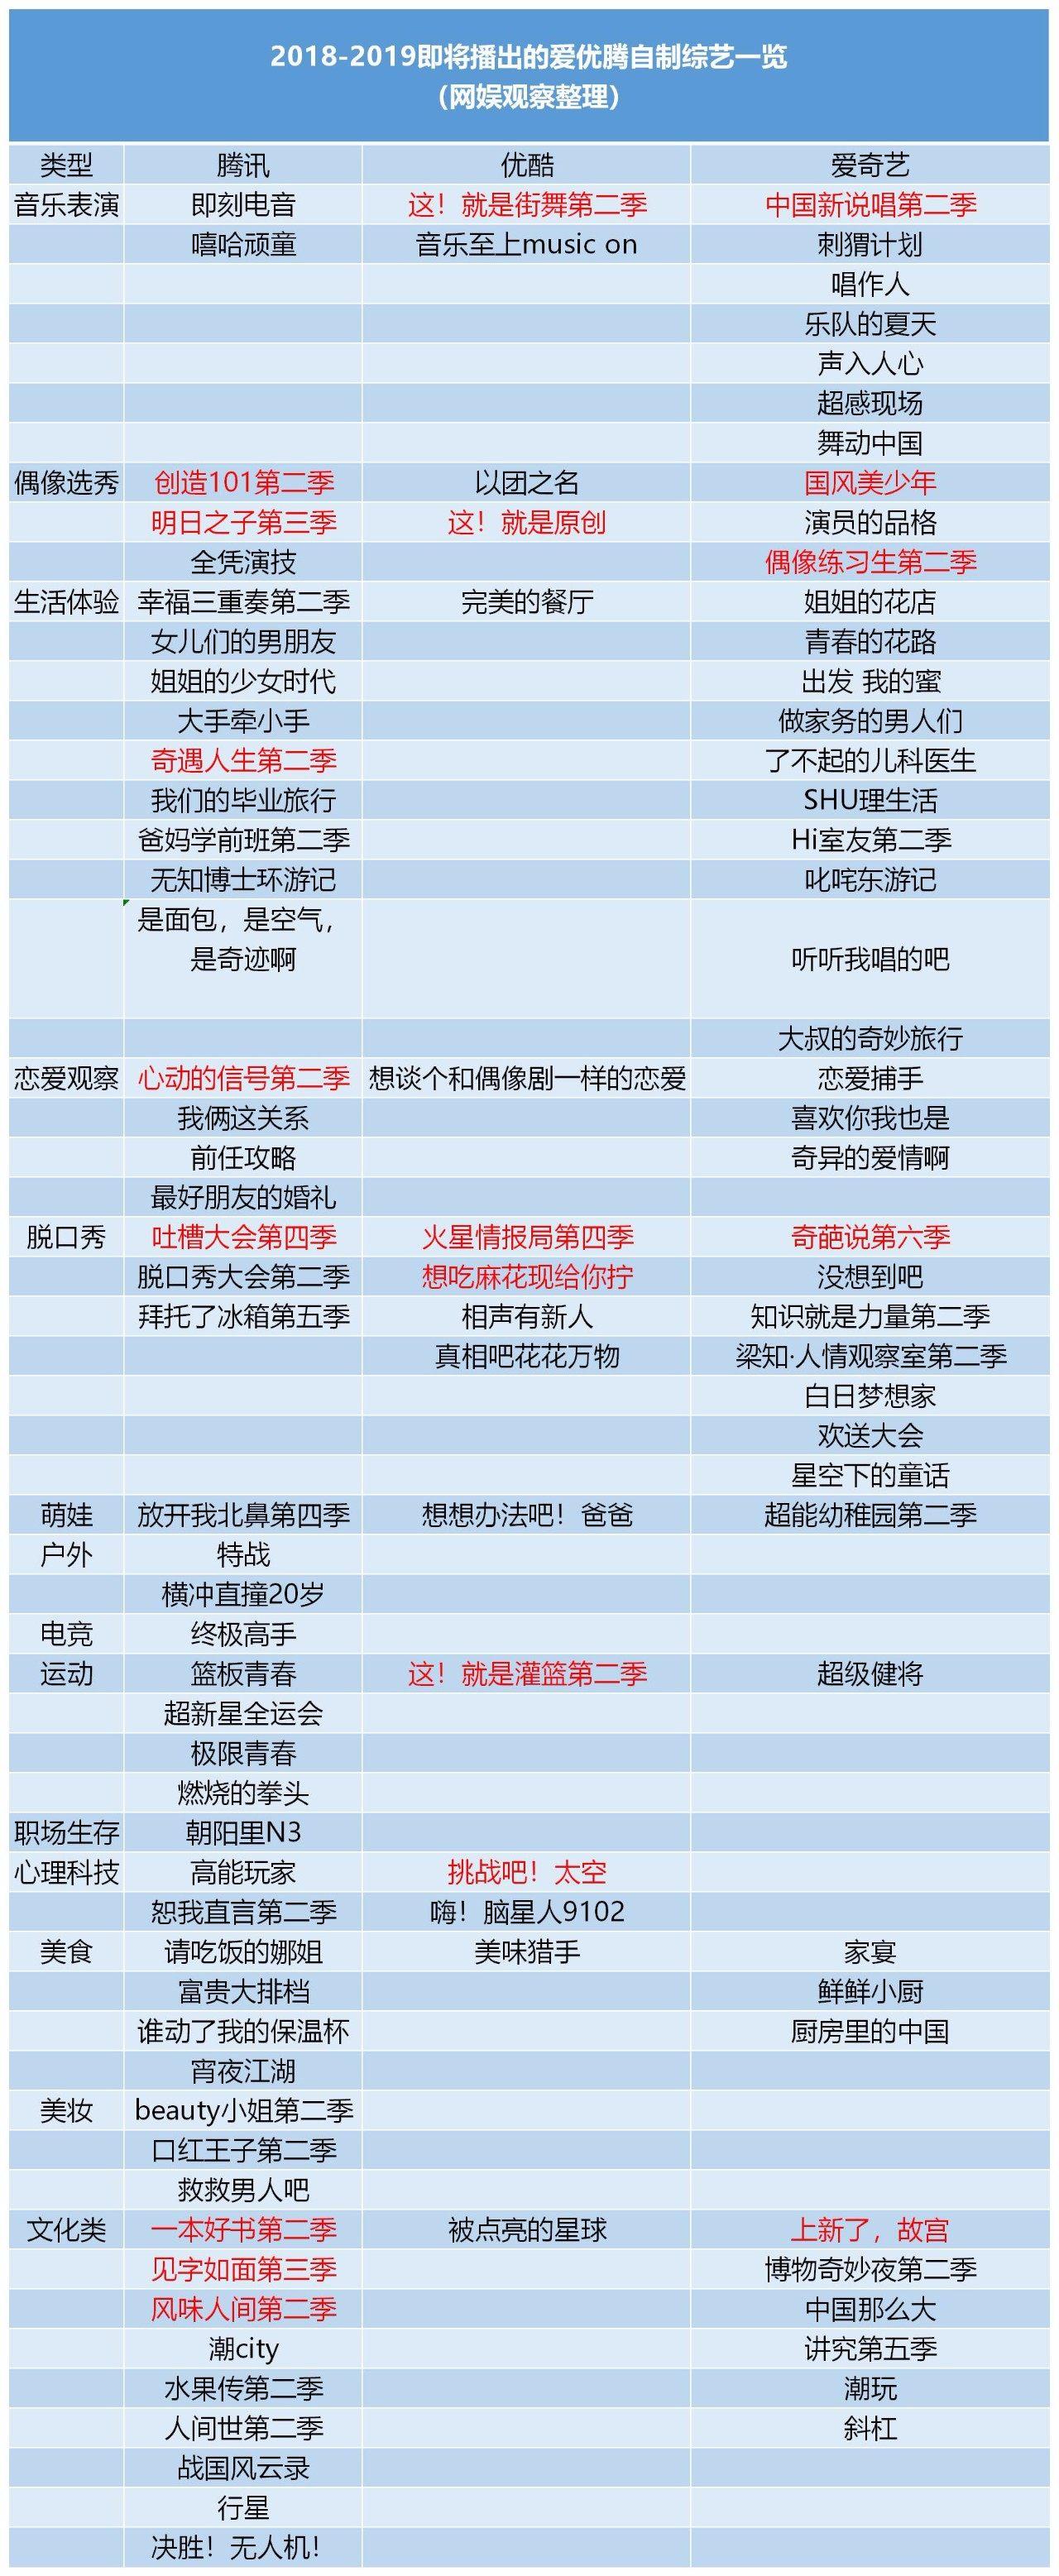 2018-2019年即将上线新剧/综艺一览表!果断收藏!